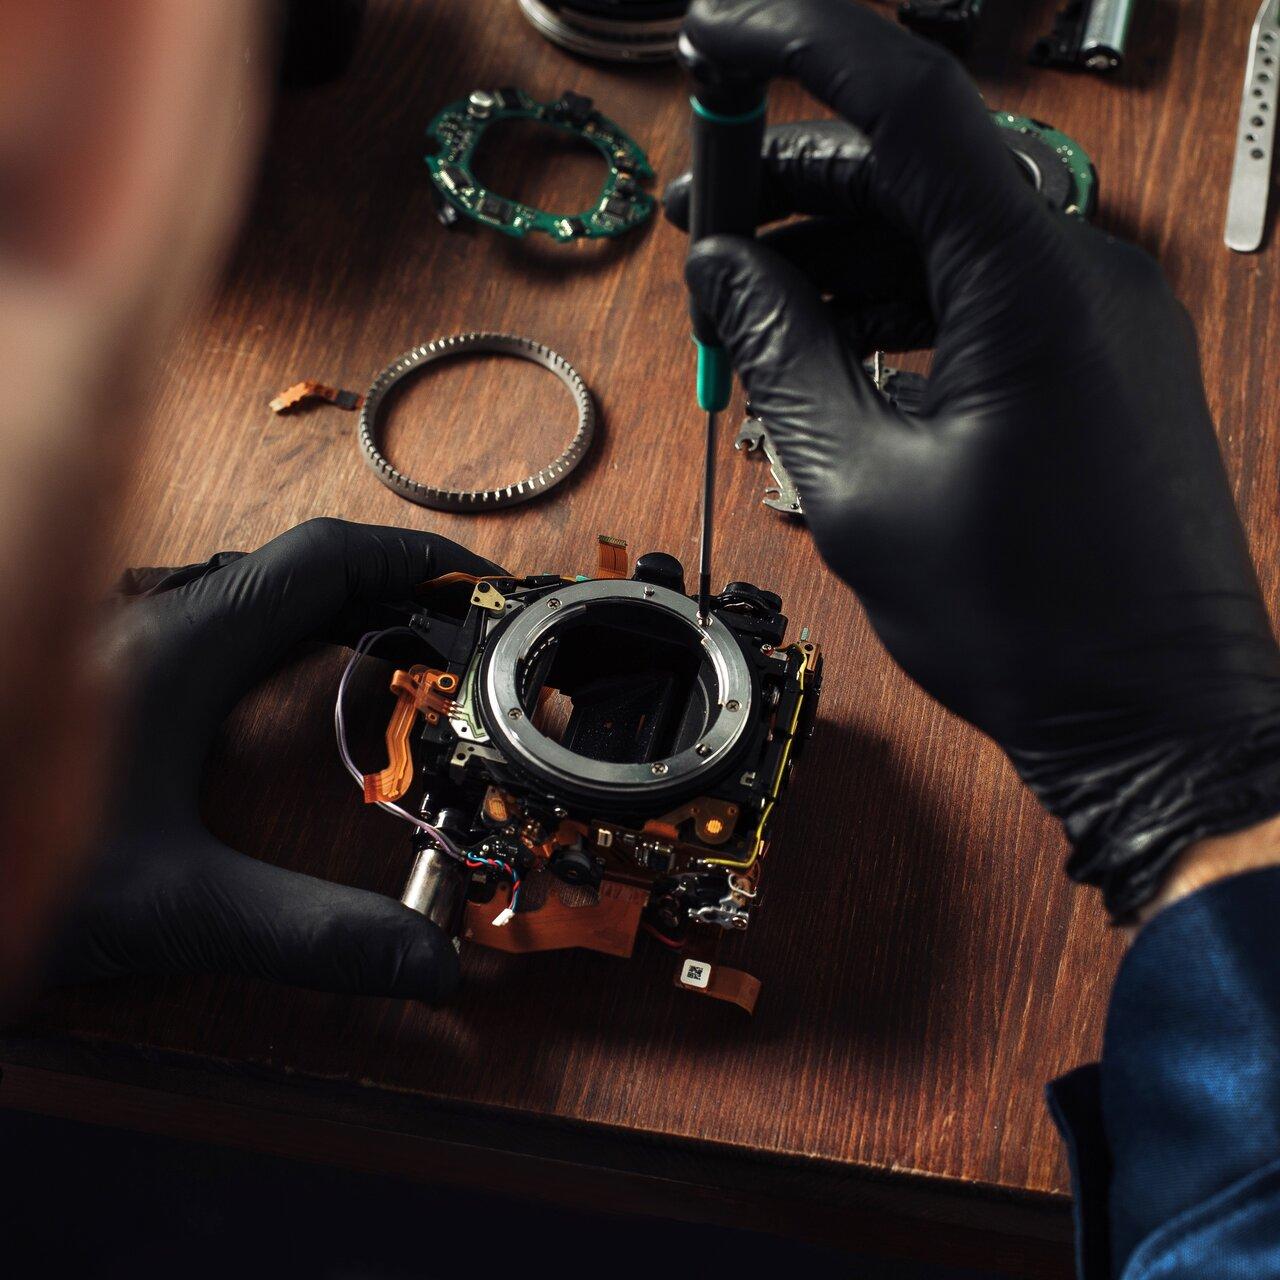 солдатова круглосуточный ремонт фотоаппаратов фото простые вкусные